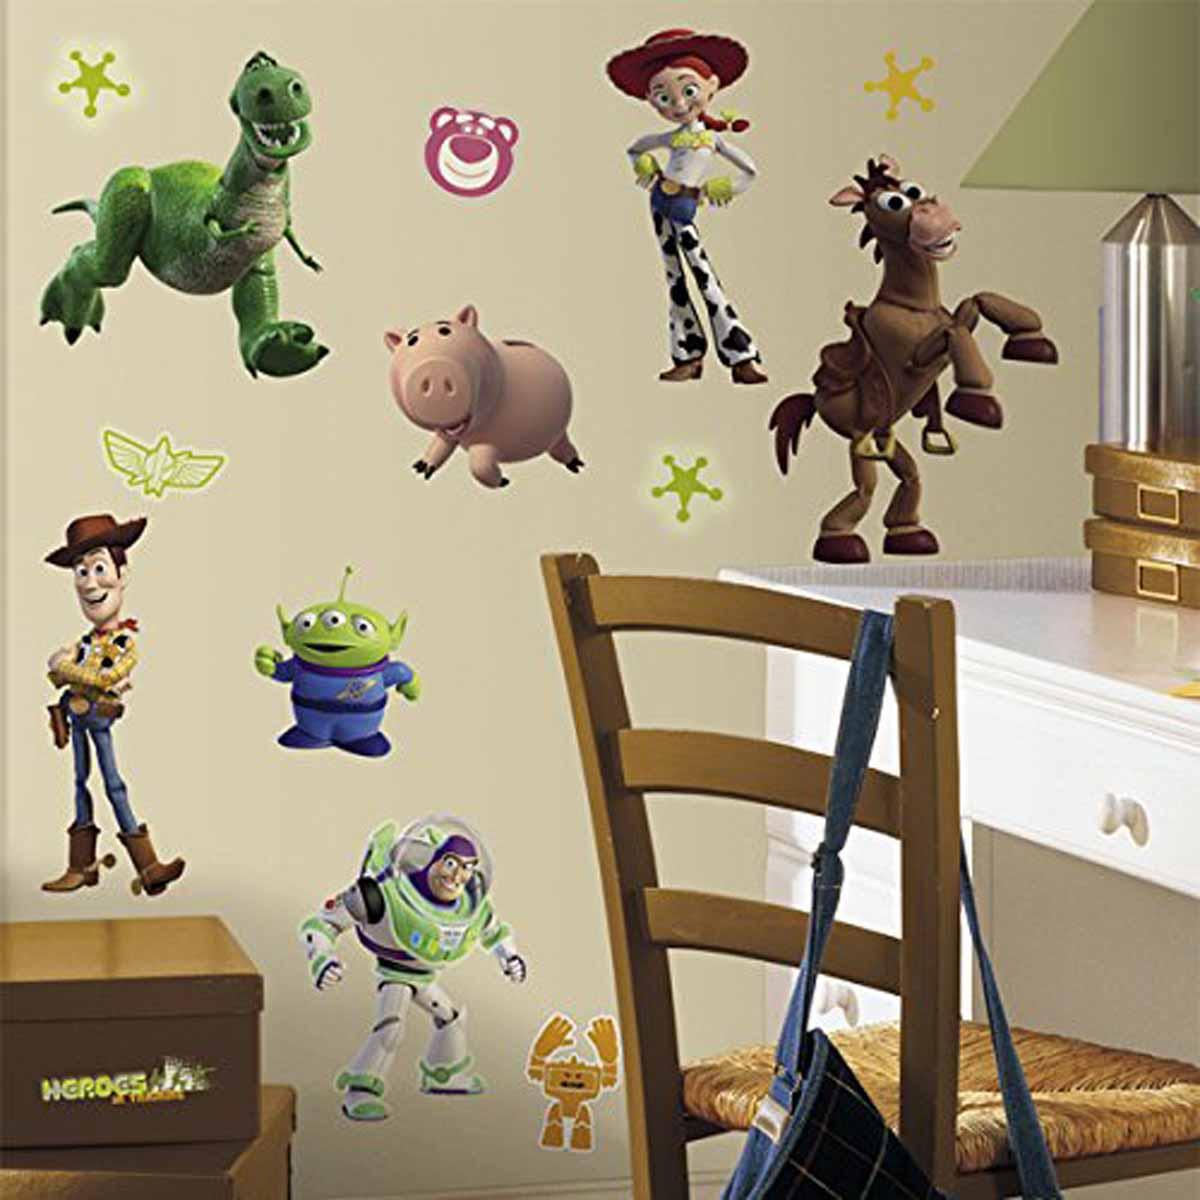 """Наклейка интерьерная Roommates """"История игрушек 3. Большой побег"""" обязательно станет украшением вашей квартиры.Придайте комнате оригинальный и веселый вид с новым набором наклеек для декора. Наклейки, входящие в набор, изображают основных персонажей знаменитого мультфильма """"История игрушек 3. Большой побег"""". Некоторые из стикеров светятся в темноте! Всего в наборе 34 стикера. Наклейки не нужно вырезать - их следует просто отсоединить от защитного слоя и поместить на стену или любую другую плоскую гладкую поверхность. Наклейки многоразовые: их легко переклеивать и снимать со стены, они не оставляют липких следов на поверхности.В каждой индивидуальной упаковке вы можете найти 4 листа с различными наклейками."""